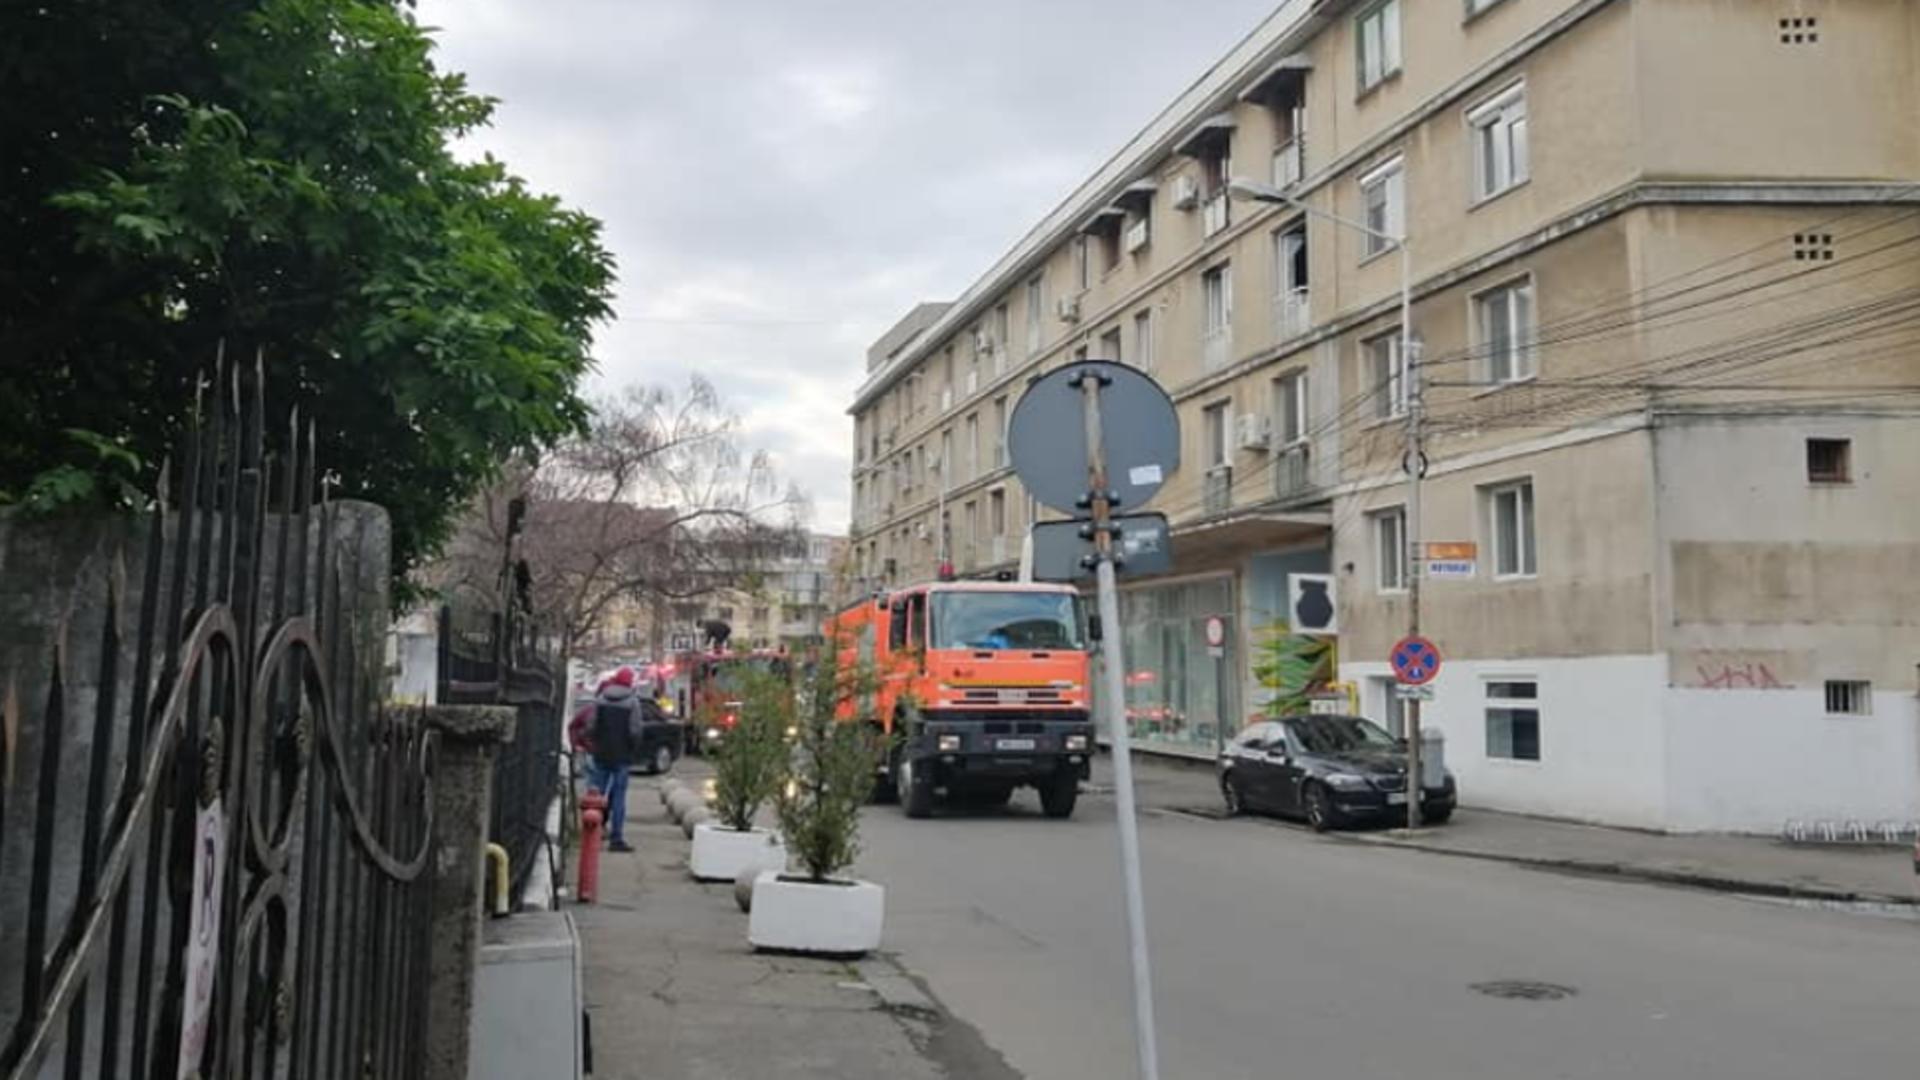 EXPLOZIE puternică în Ploiești - Intervenție urgentă a pompierilor Foto: Facebook.com